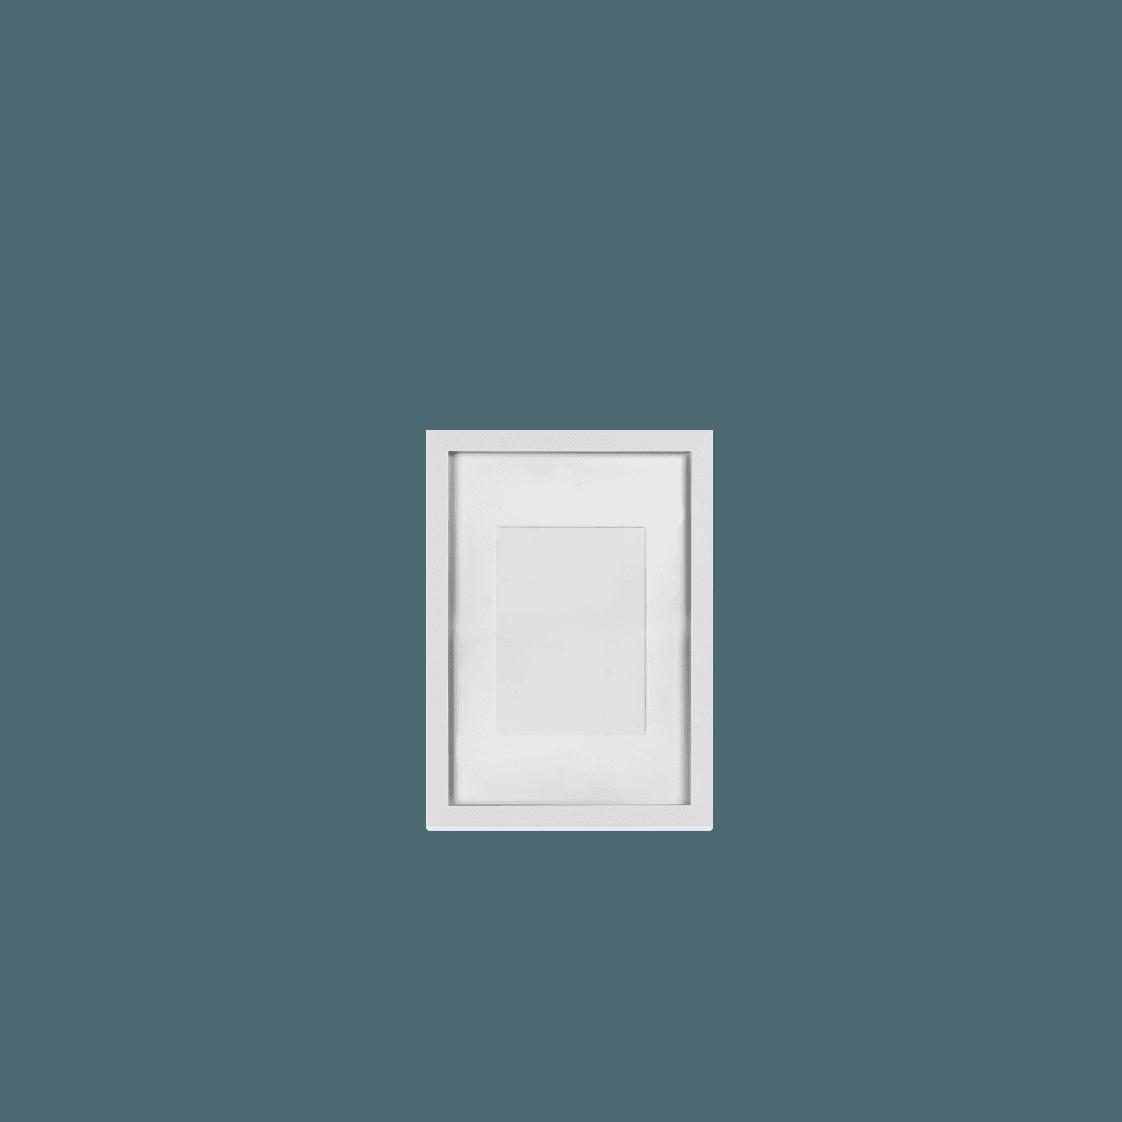 Keretezett kép (fehér, álló)